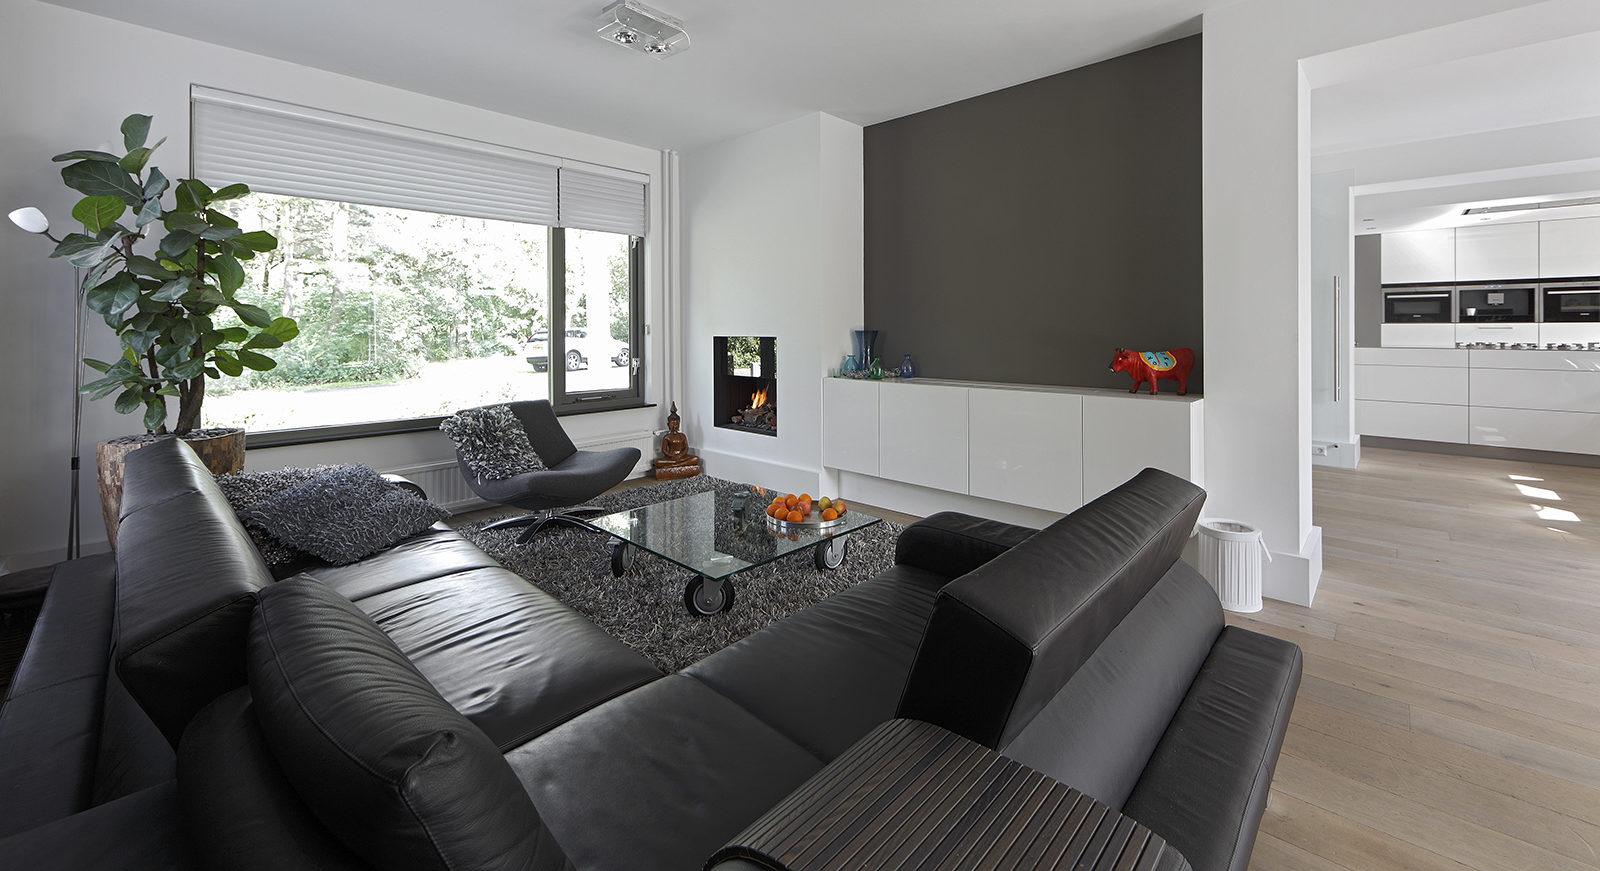 The Art of Living, Exclusief wonen, Bas Openhaarden, woonkamer, moderne bank, kunst, strak interieur, grote ramen, lichtinval, vloerkleed, laminaat, keuken, wit, bankstel